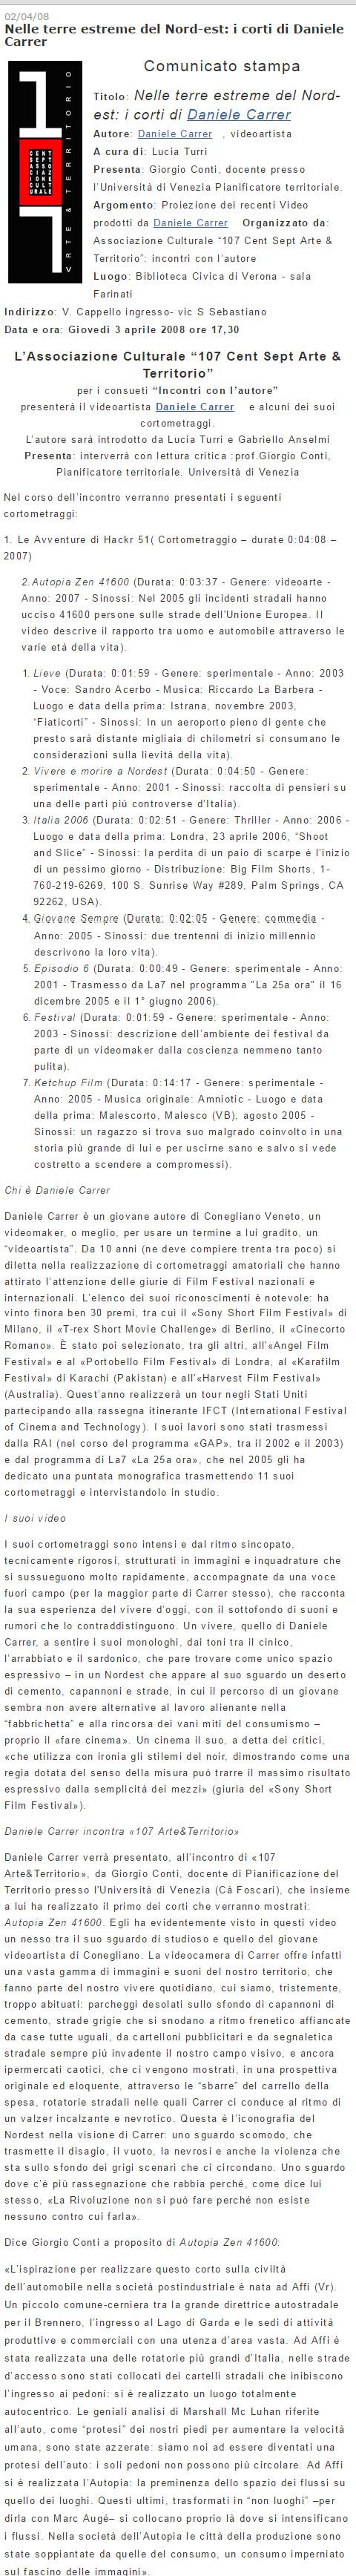 Presentazione dei cortometraggi di Daniele Carrer in occasione di una retrospettiva svoltasi a Verona nel 2008.